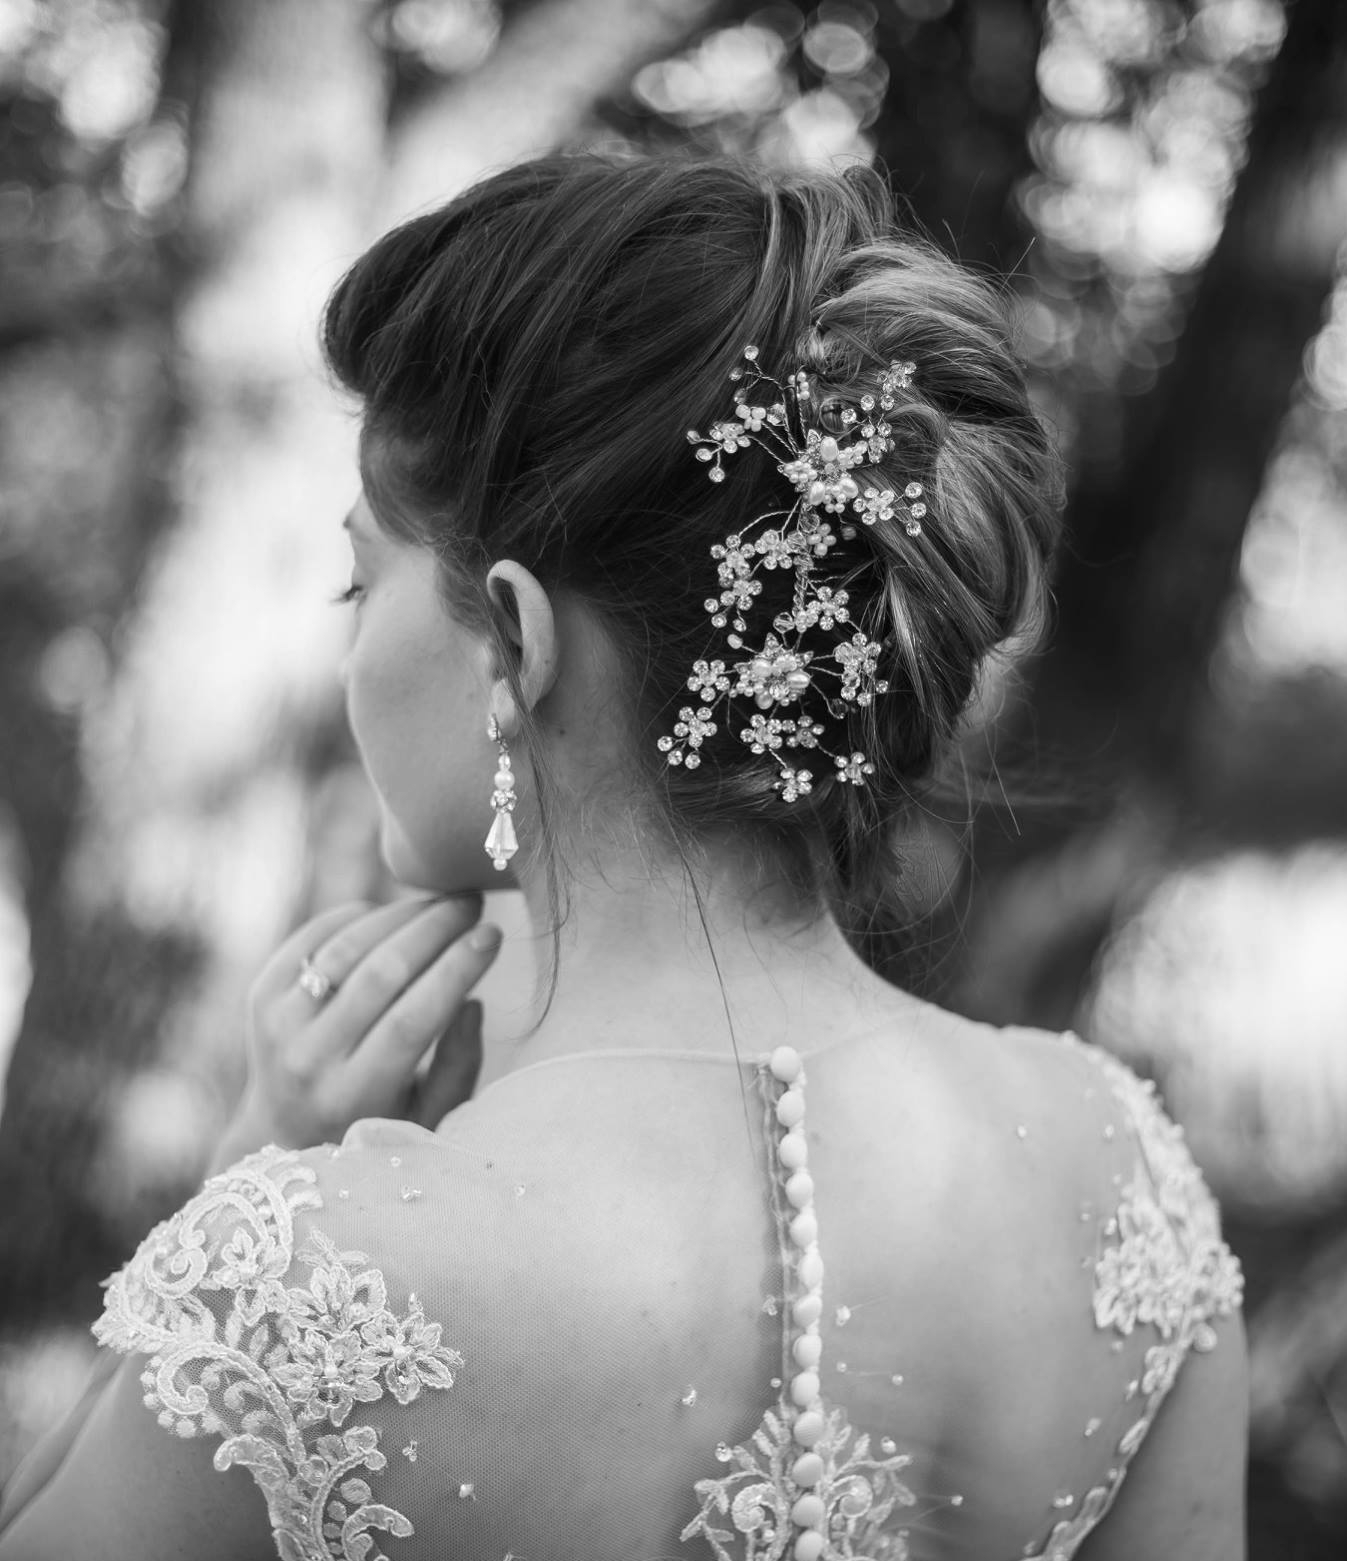 bredicebeauty-bridalhair-makeup-wedding-travelers-events-worldwide.jpg